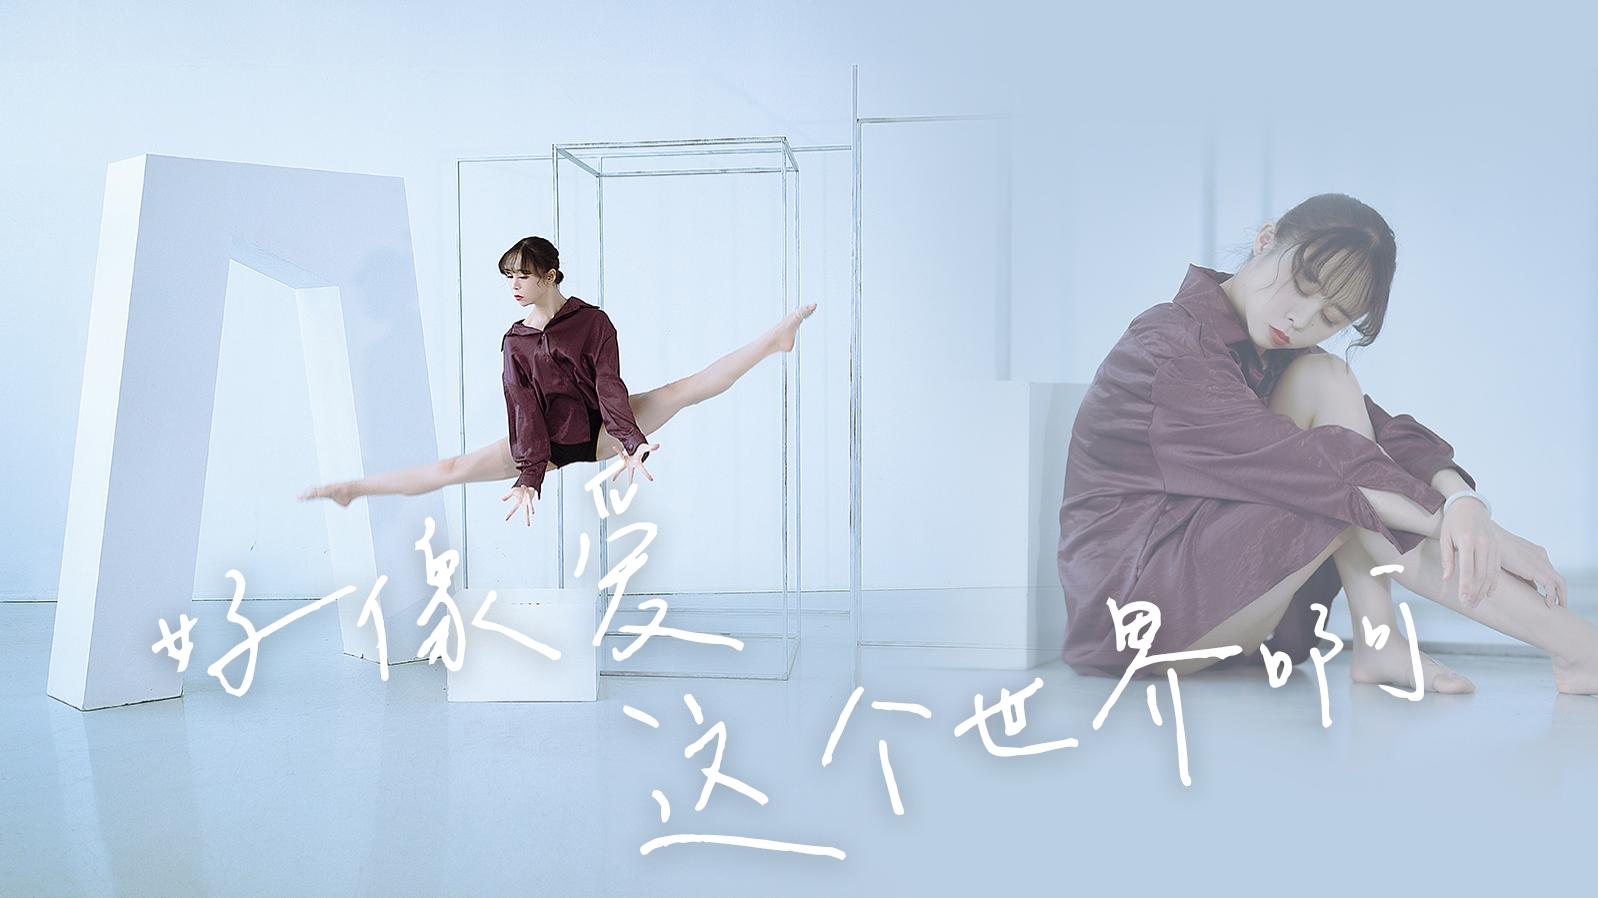 【爱李】现代舞—《好想爱这个世界啊》—快乐是从痛苦中开出的花